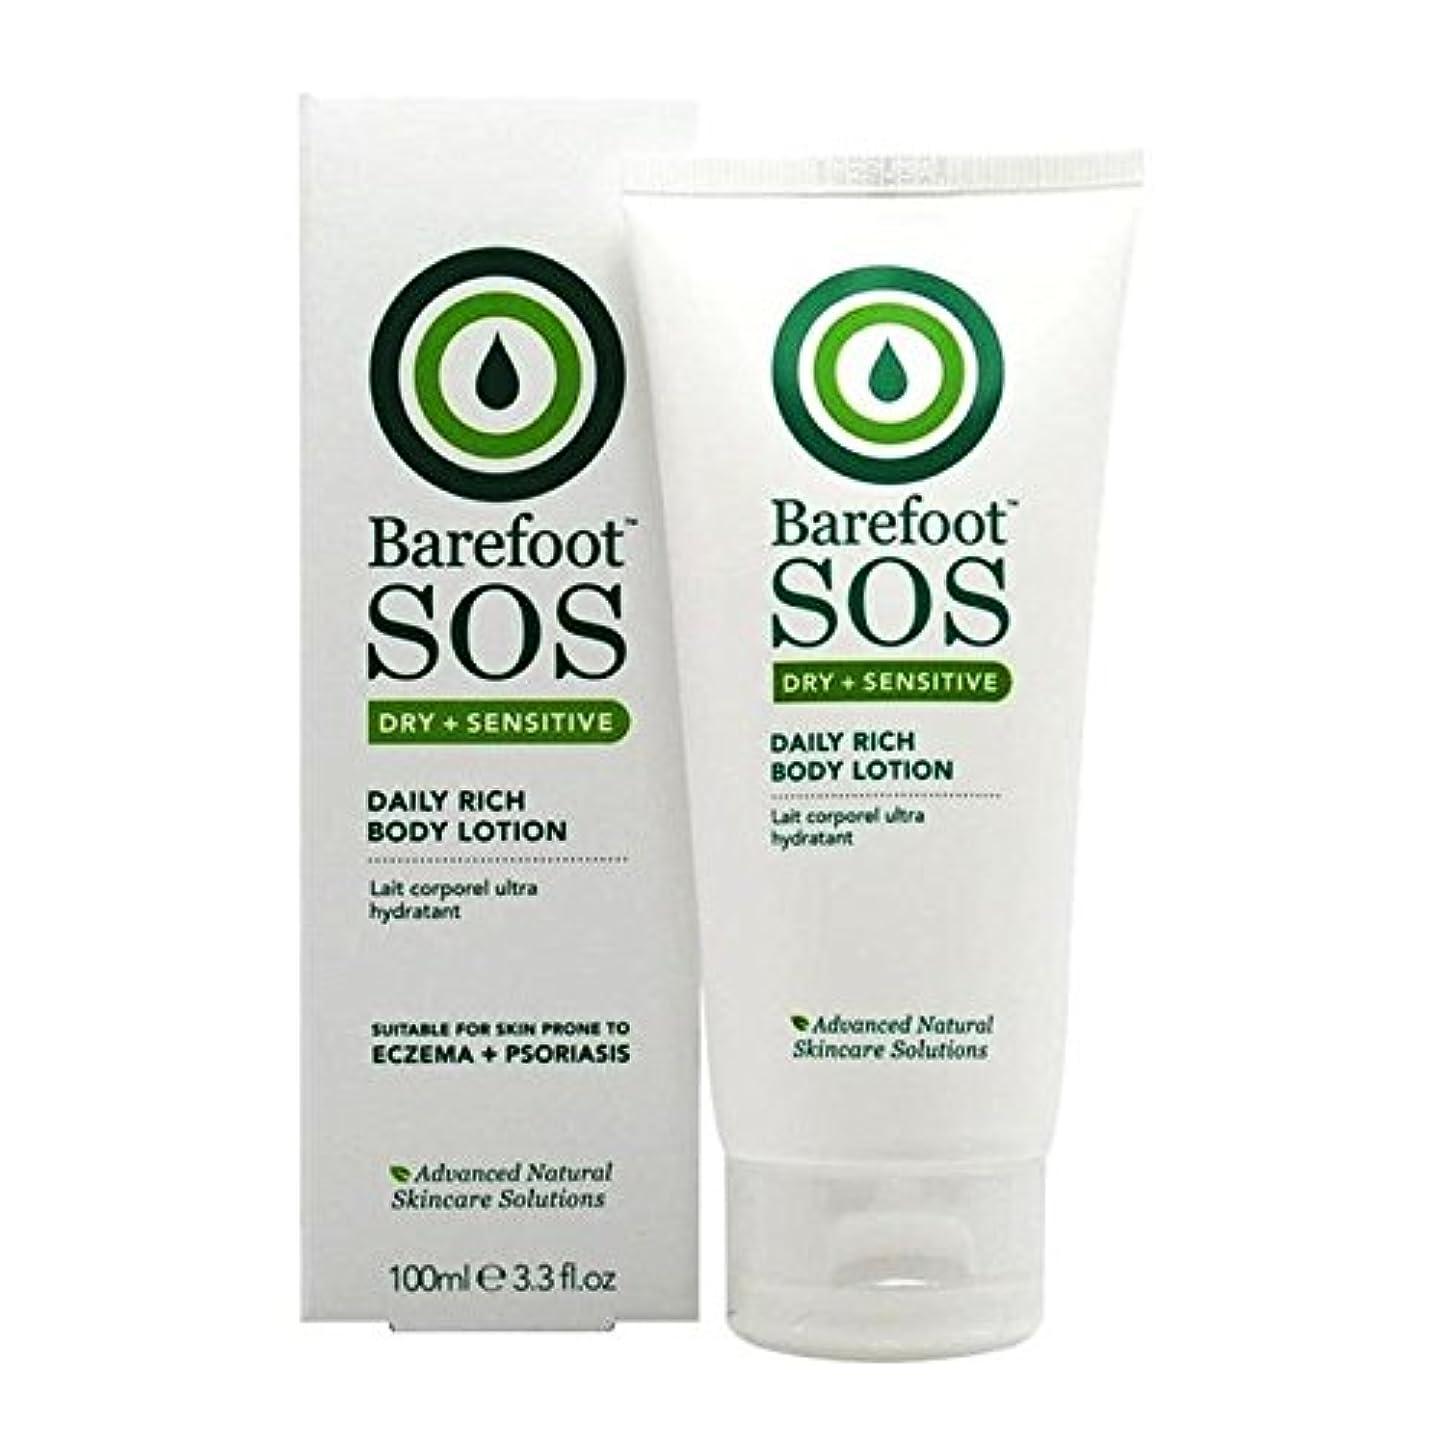 後退するひどい小川Barefoot SOS Daily Rich Body Lotion 100ml - 裸足毎日豊富なボディローション100ミリリットル [並行輸入品]